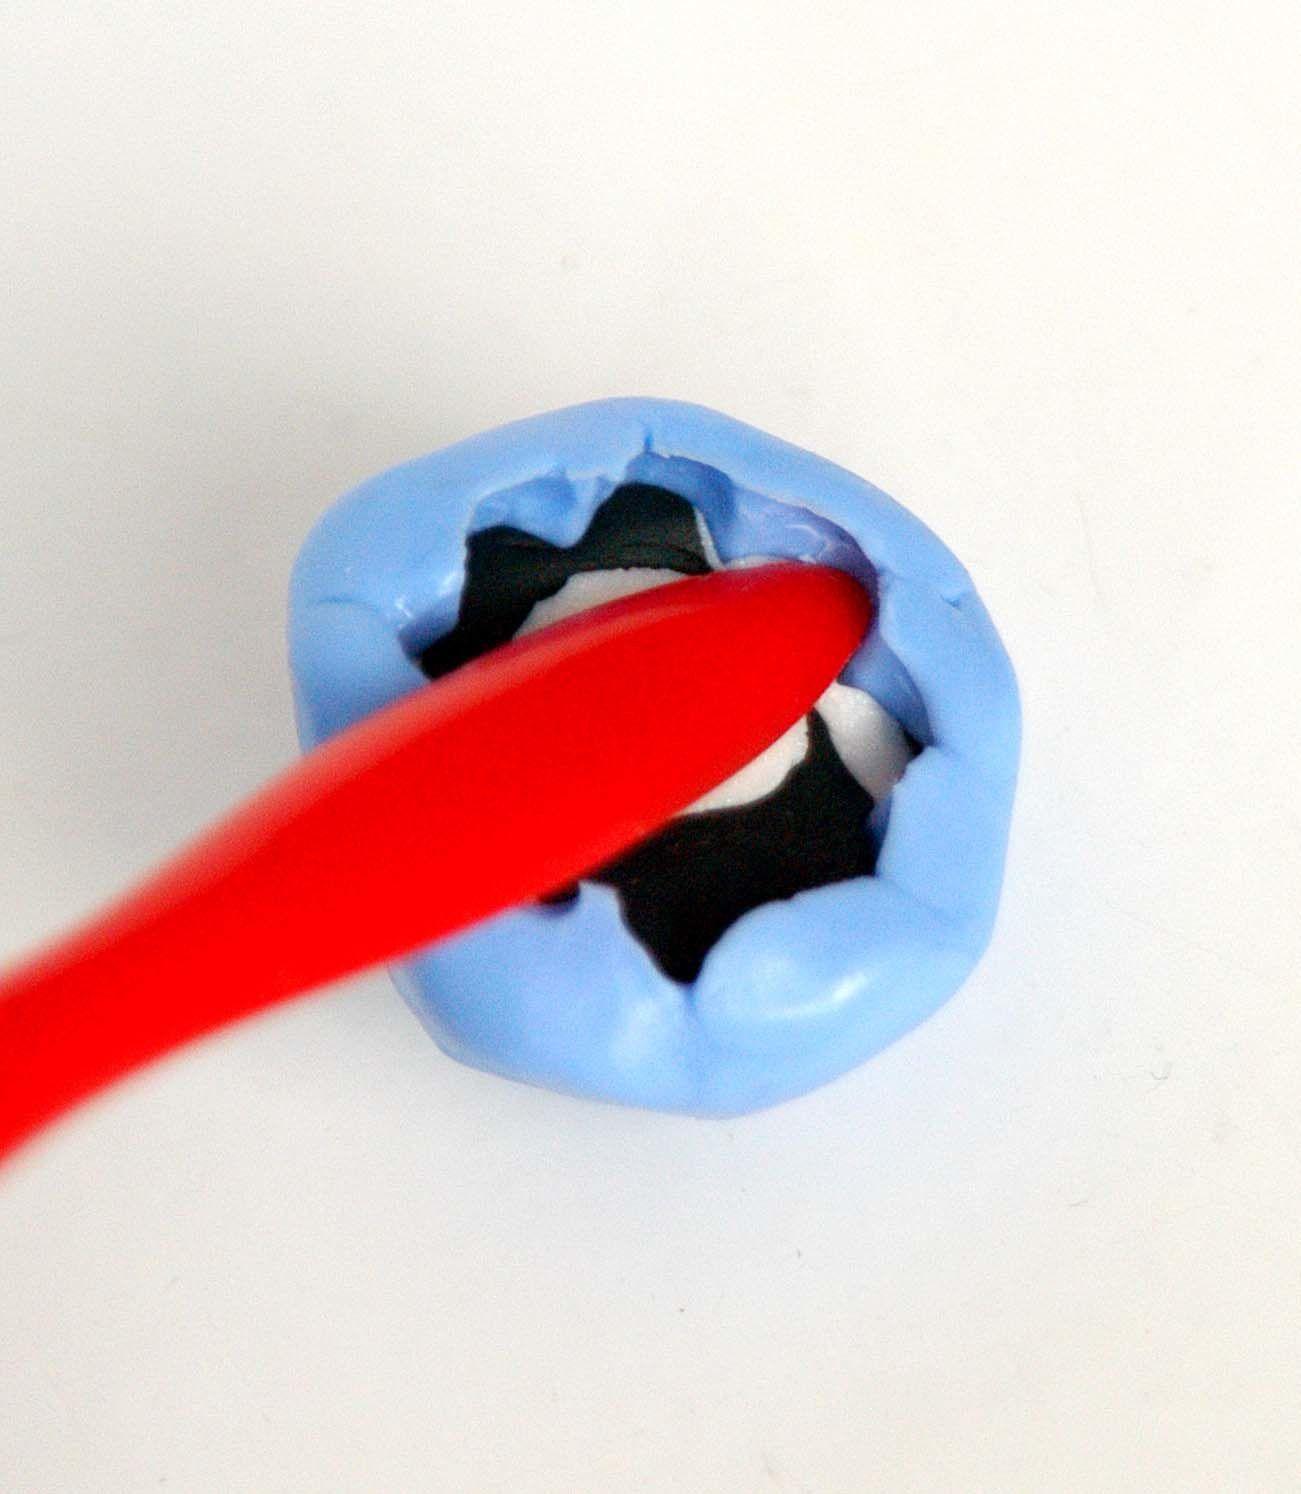 WePAM Kaltporzellen wird in die Silikonform eingedrückt.